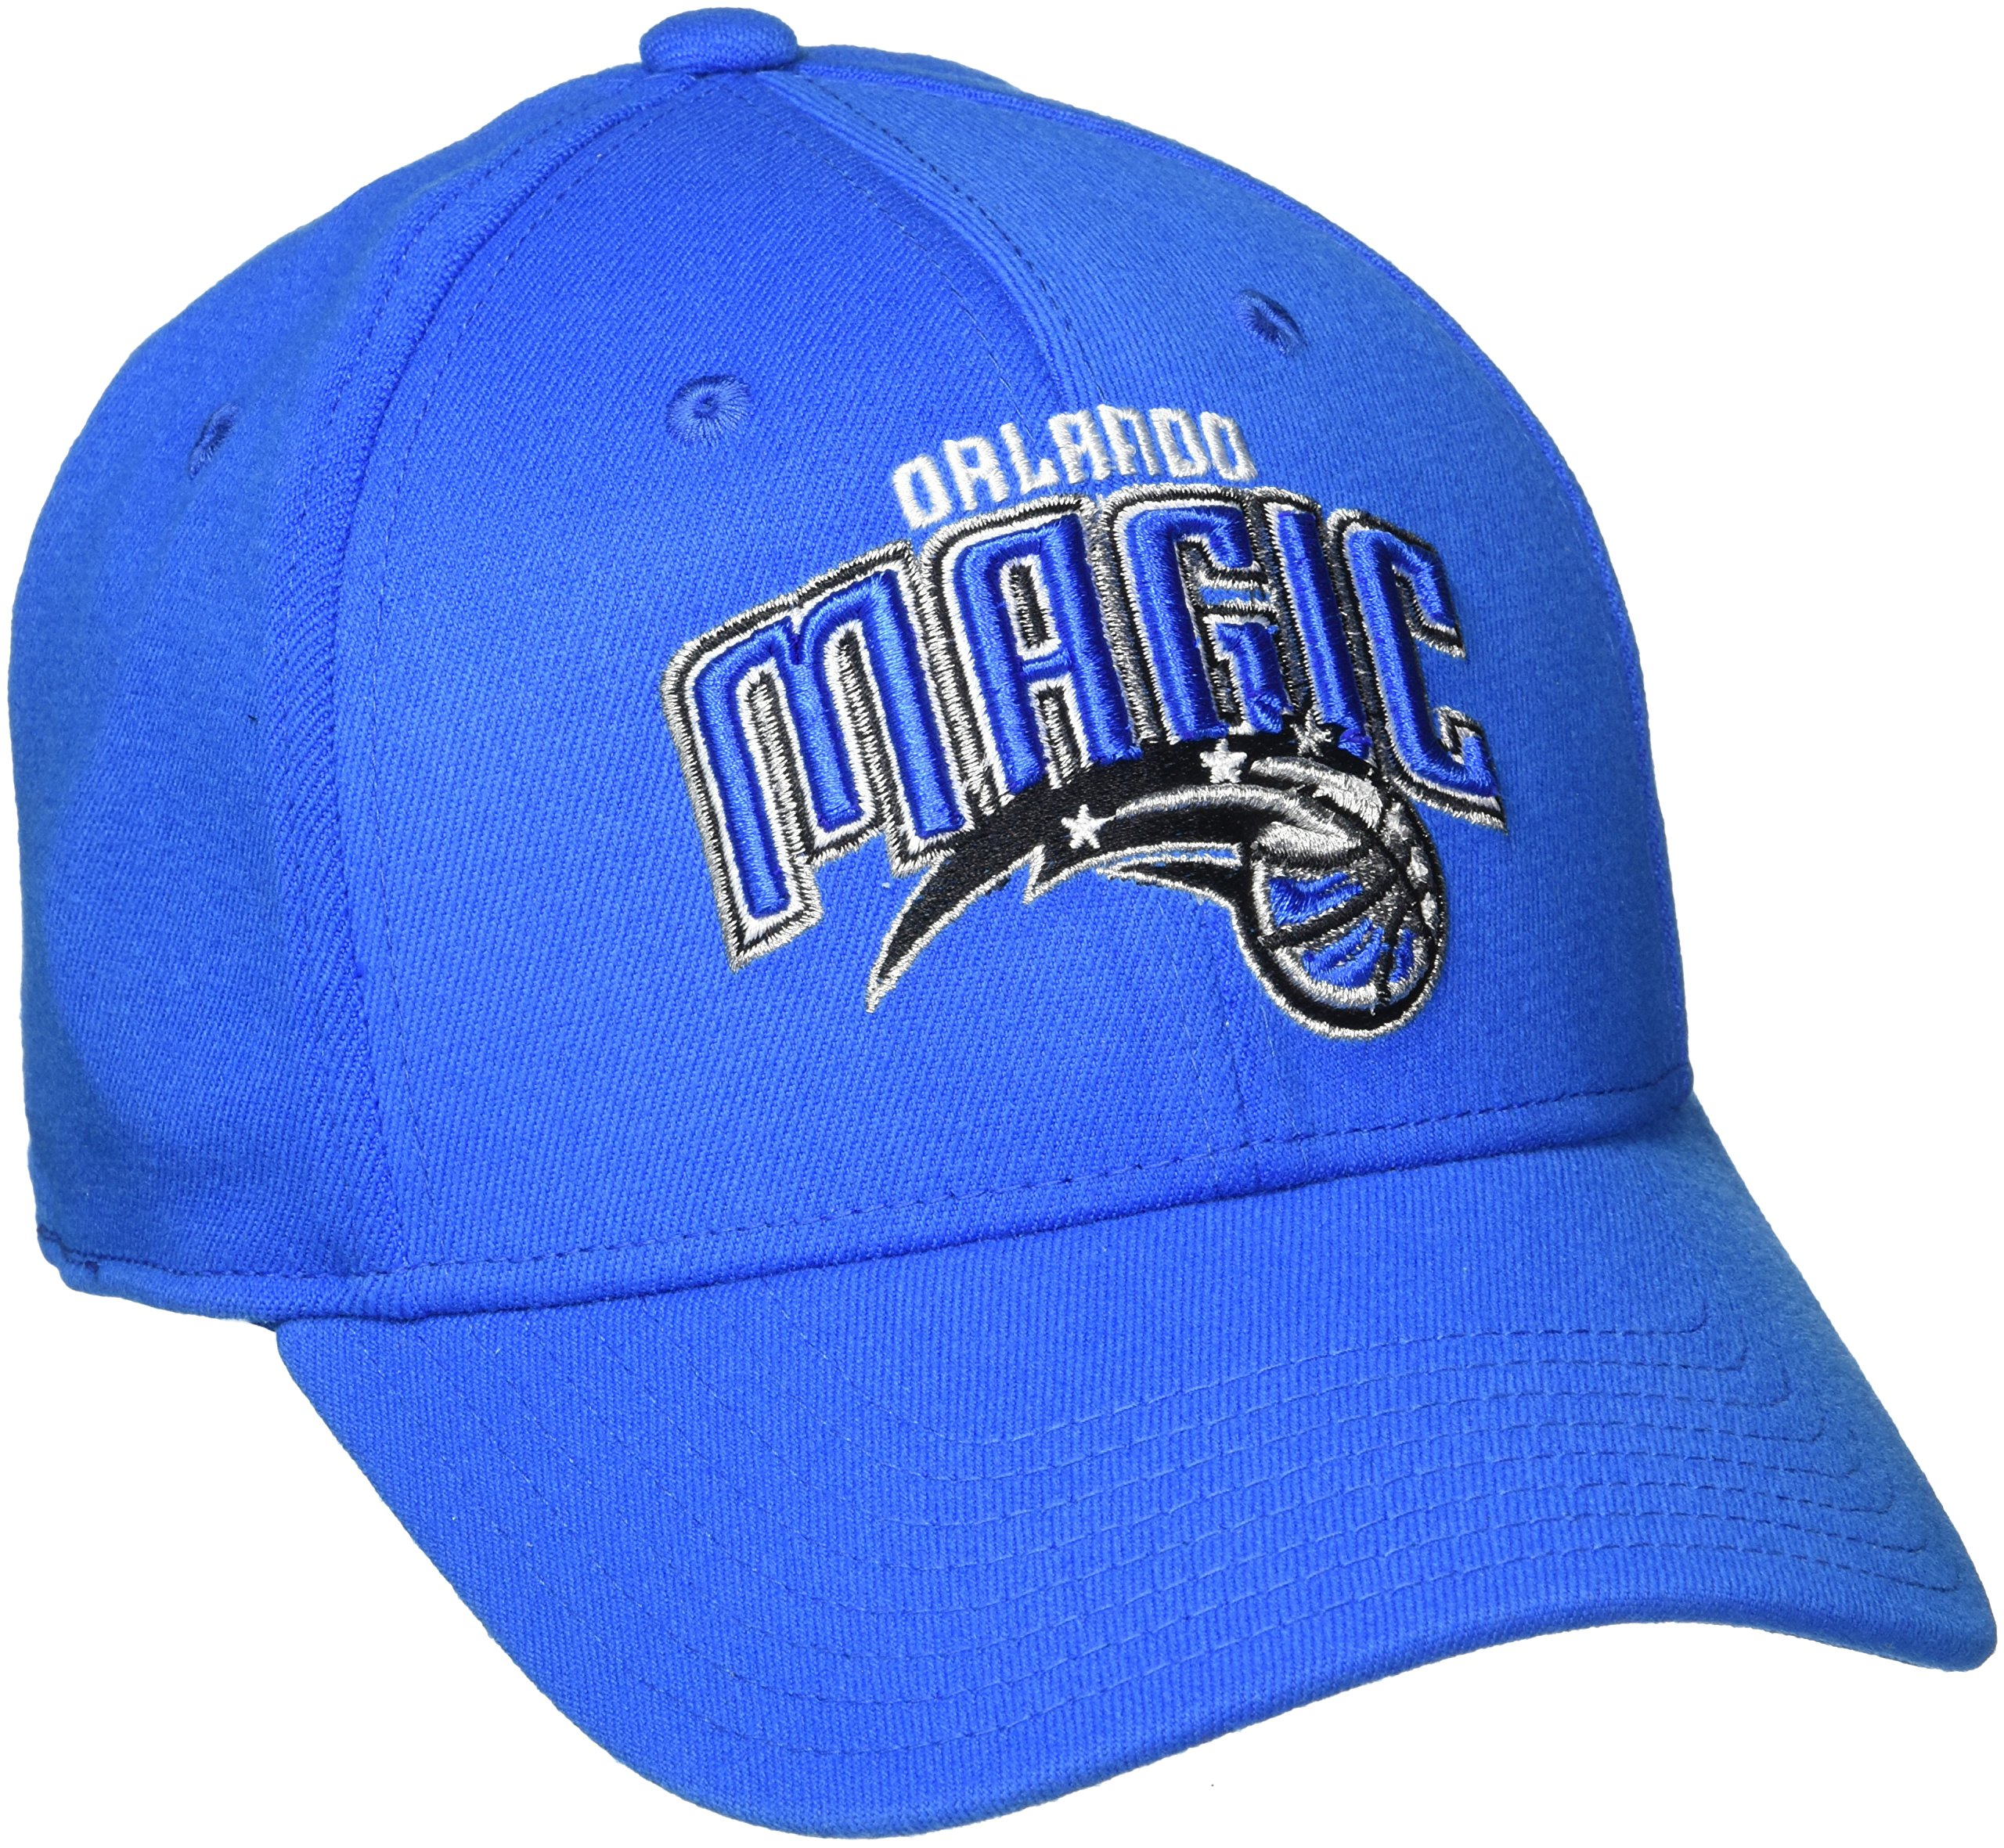 NBA Orlando Magic Men's Structured Flex Cap, Small/Medium, Blue